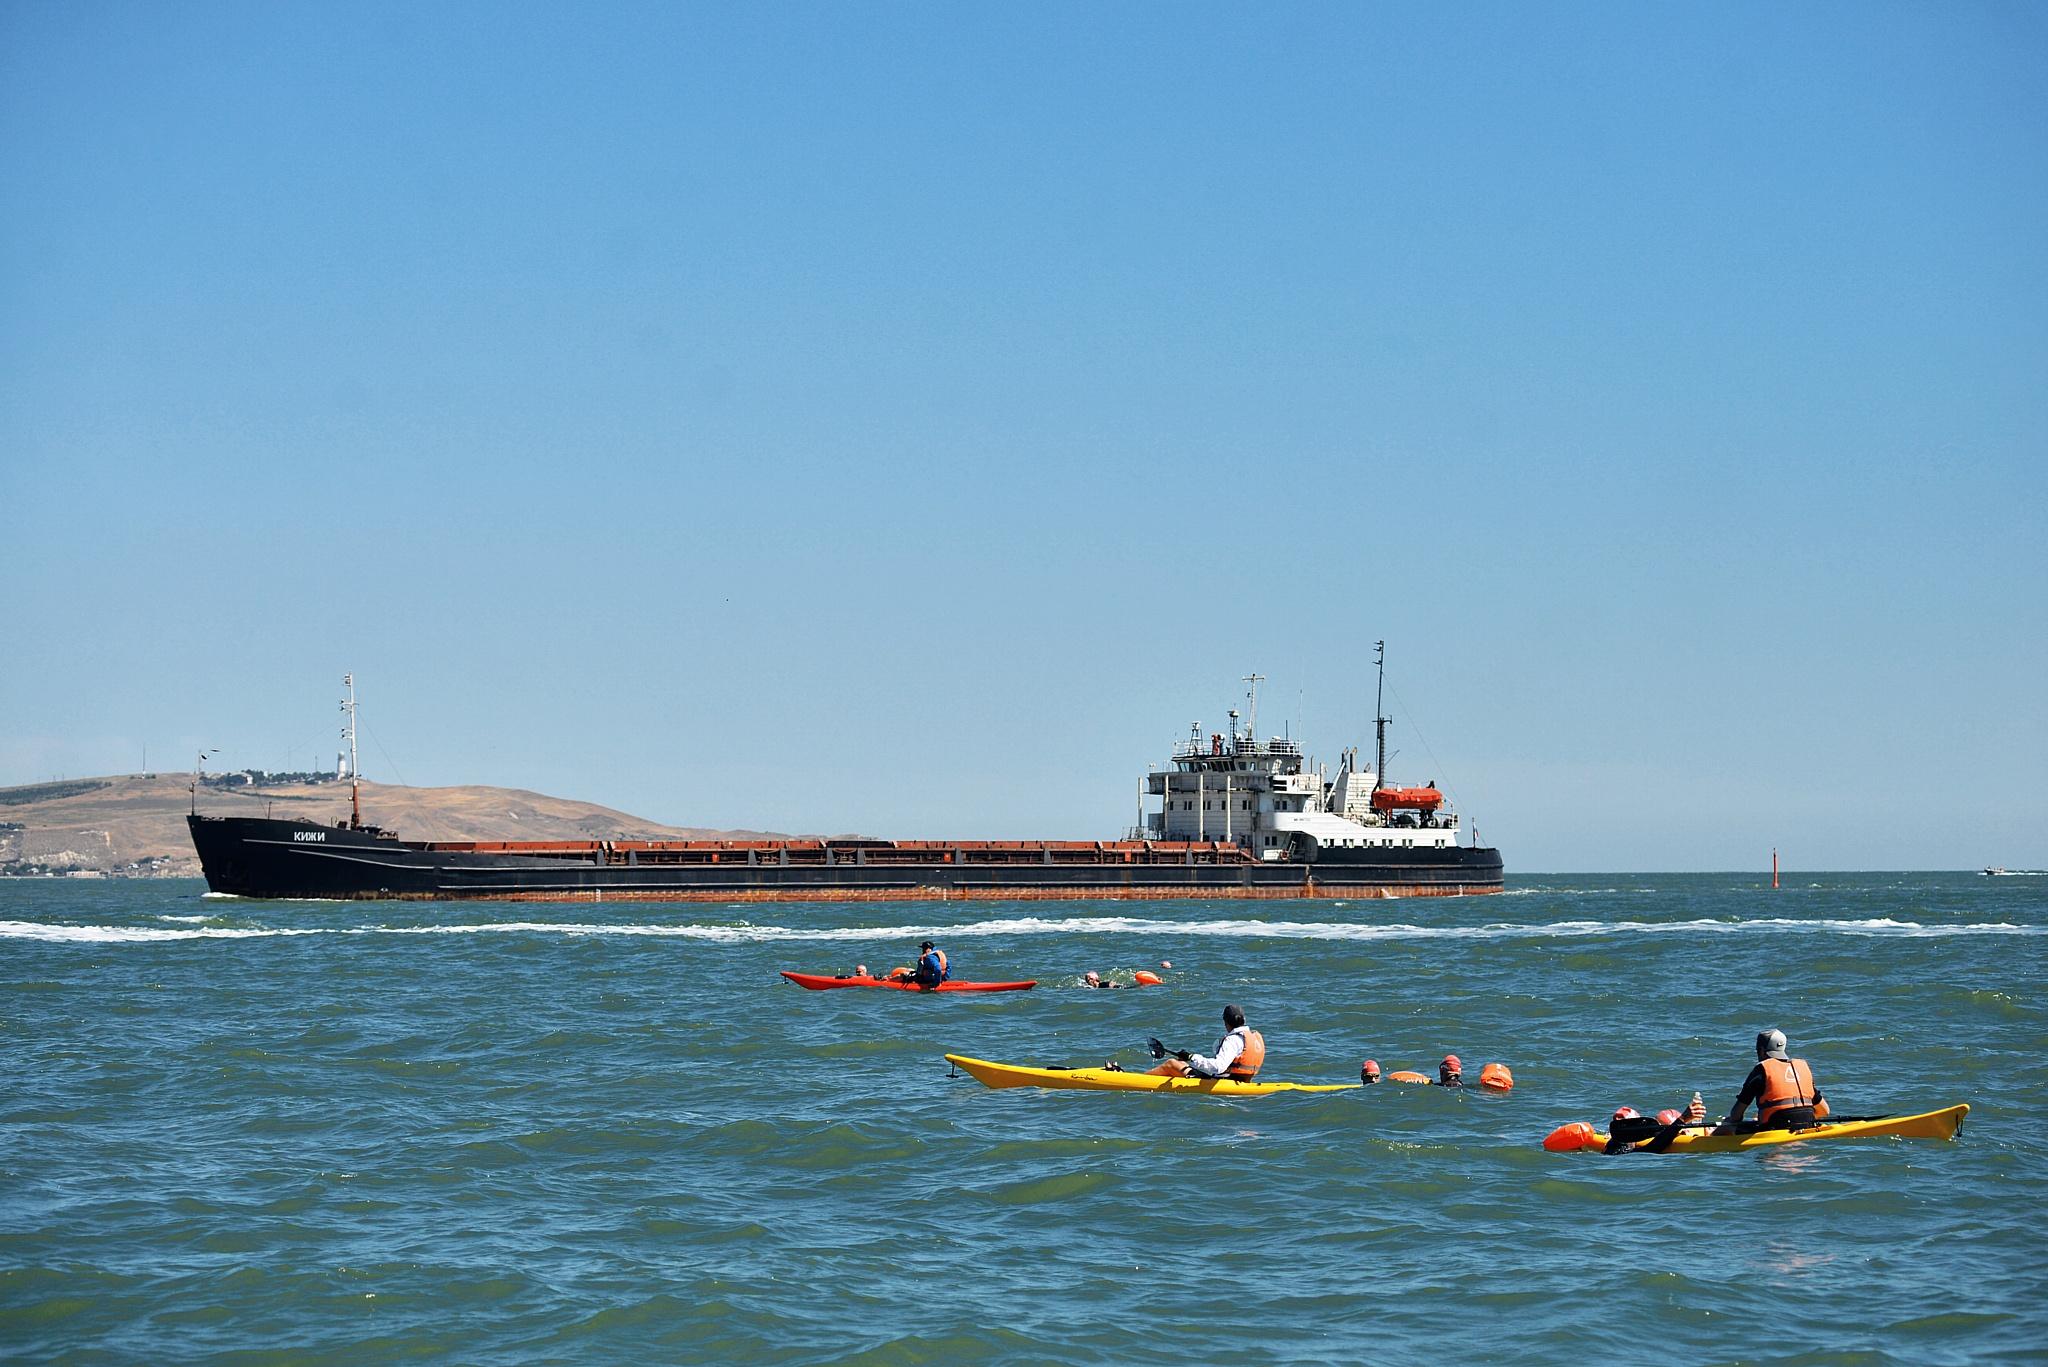 Заплыв через Керченский пролив станет рекордным по количеству участников в 2019 году